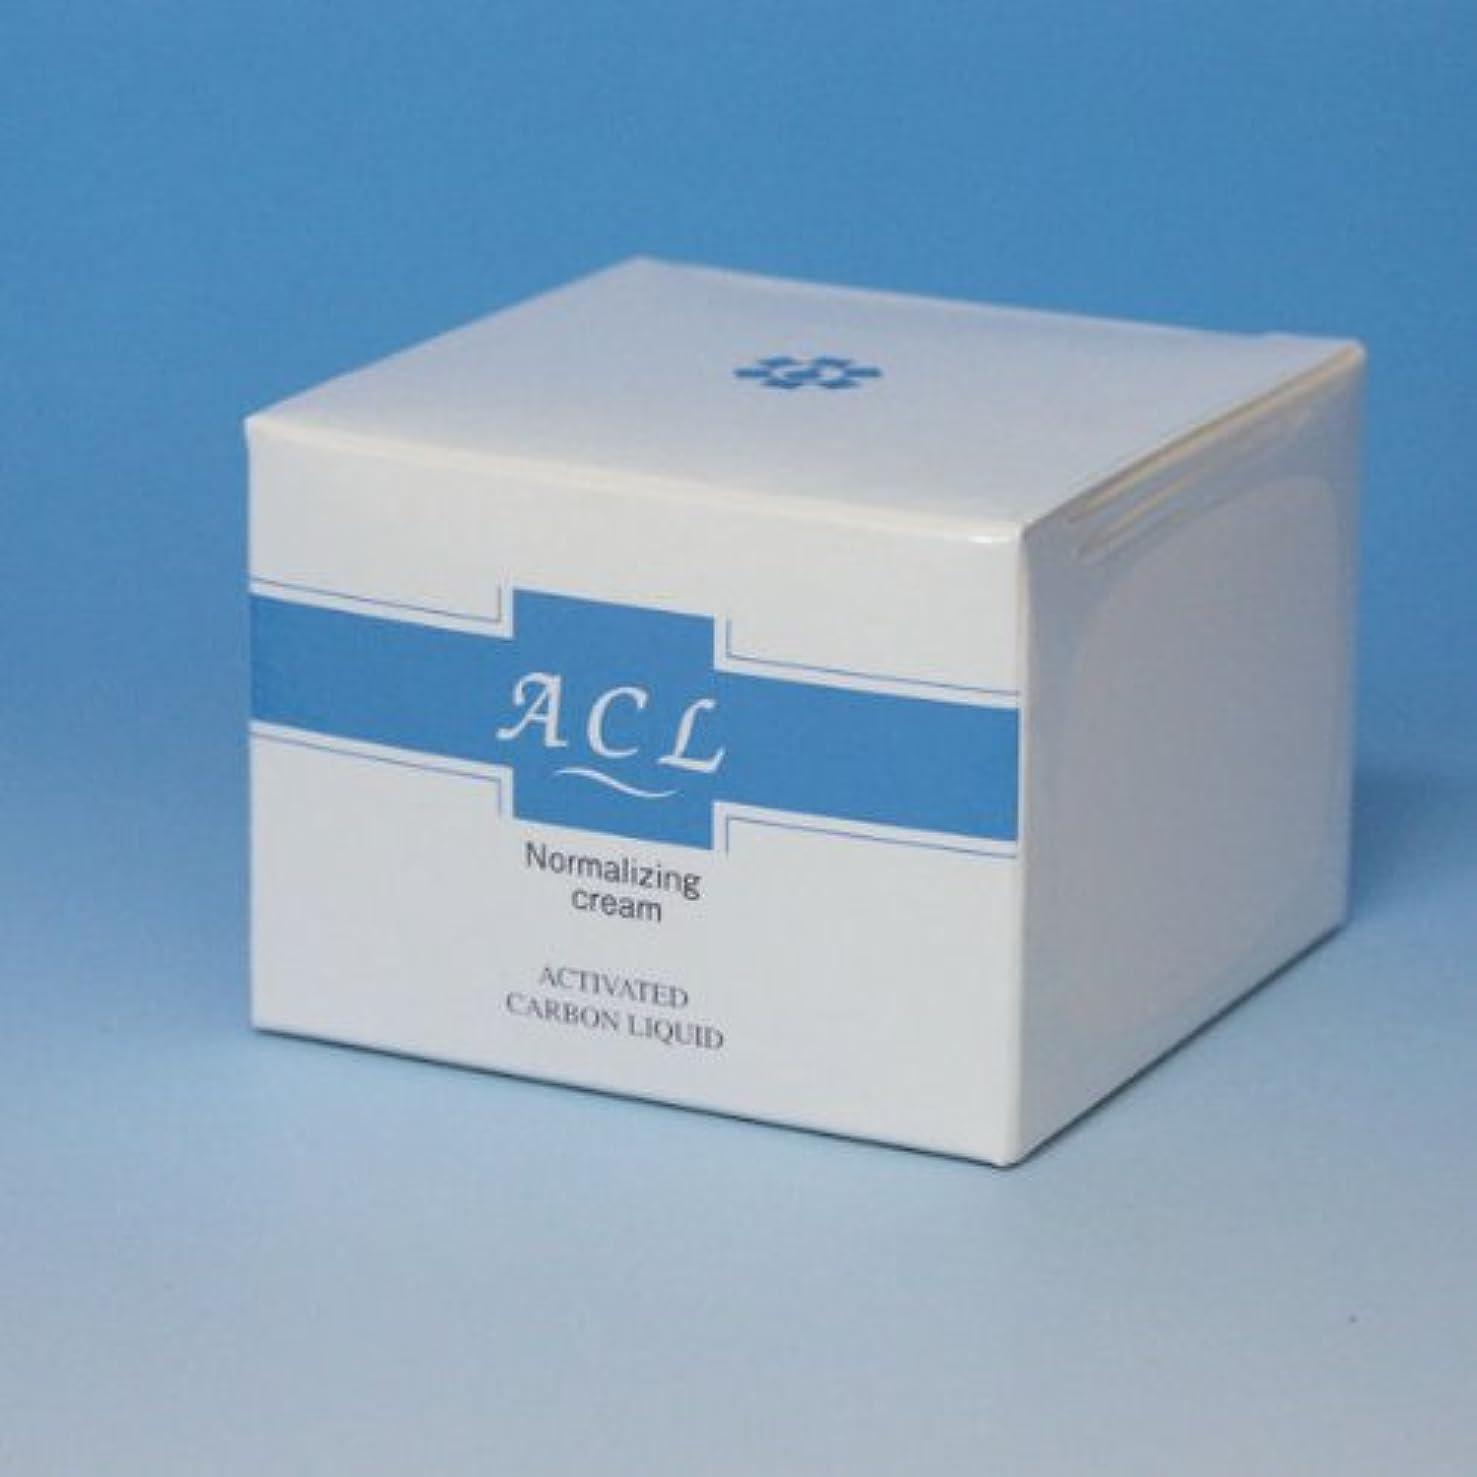 フォージサイレント失速【日邦薬品】ACLノーマライジングクリーム 30g